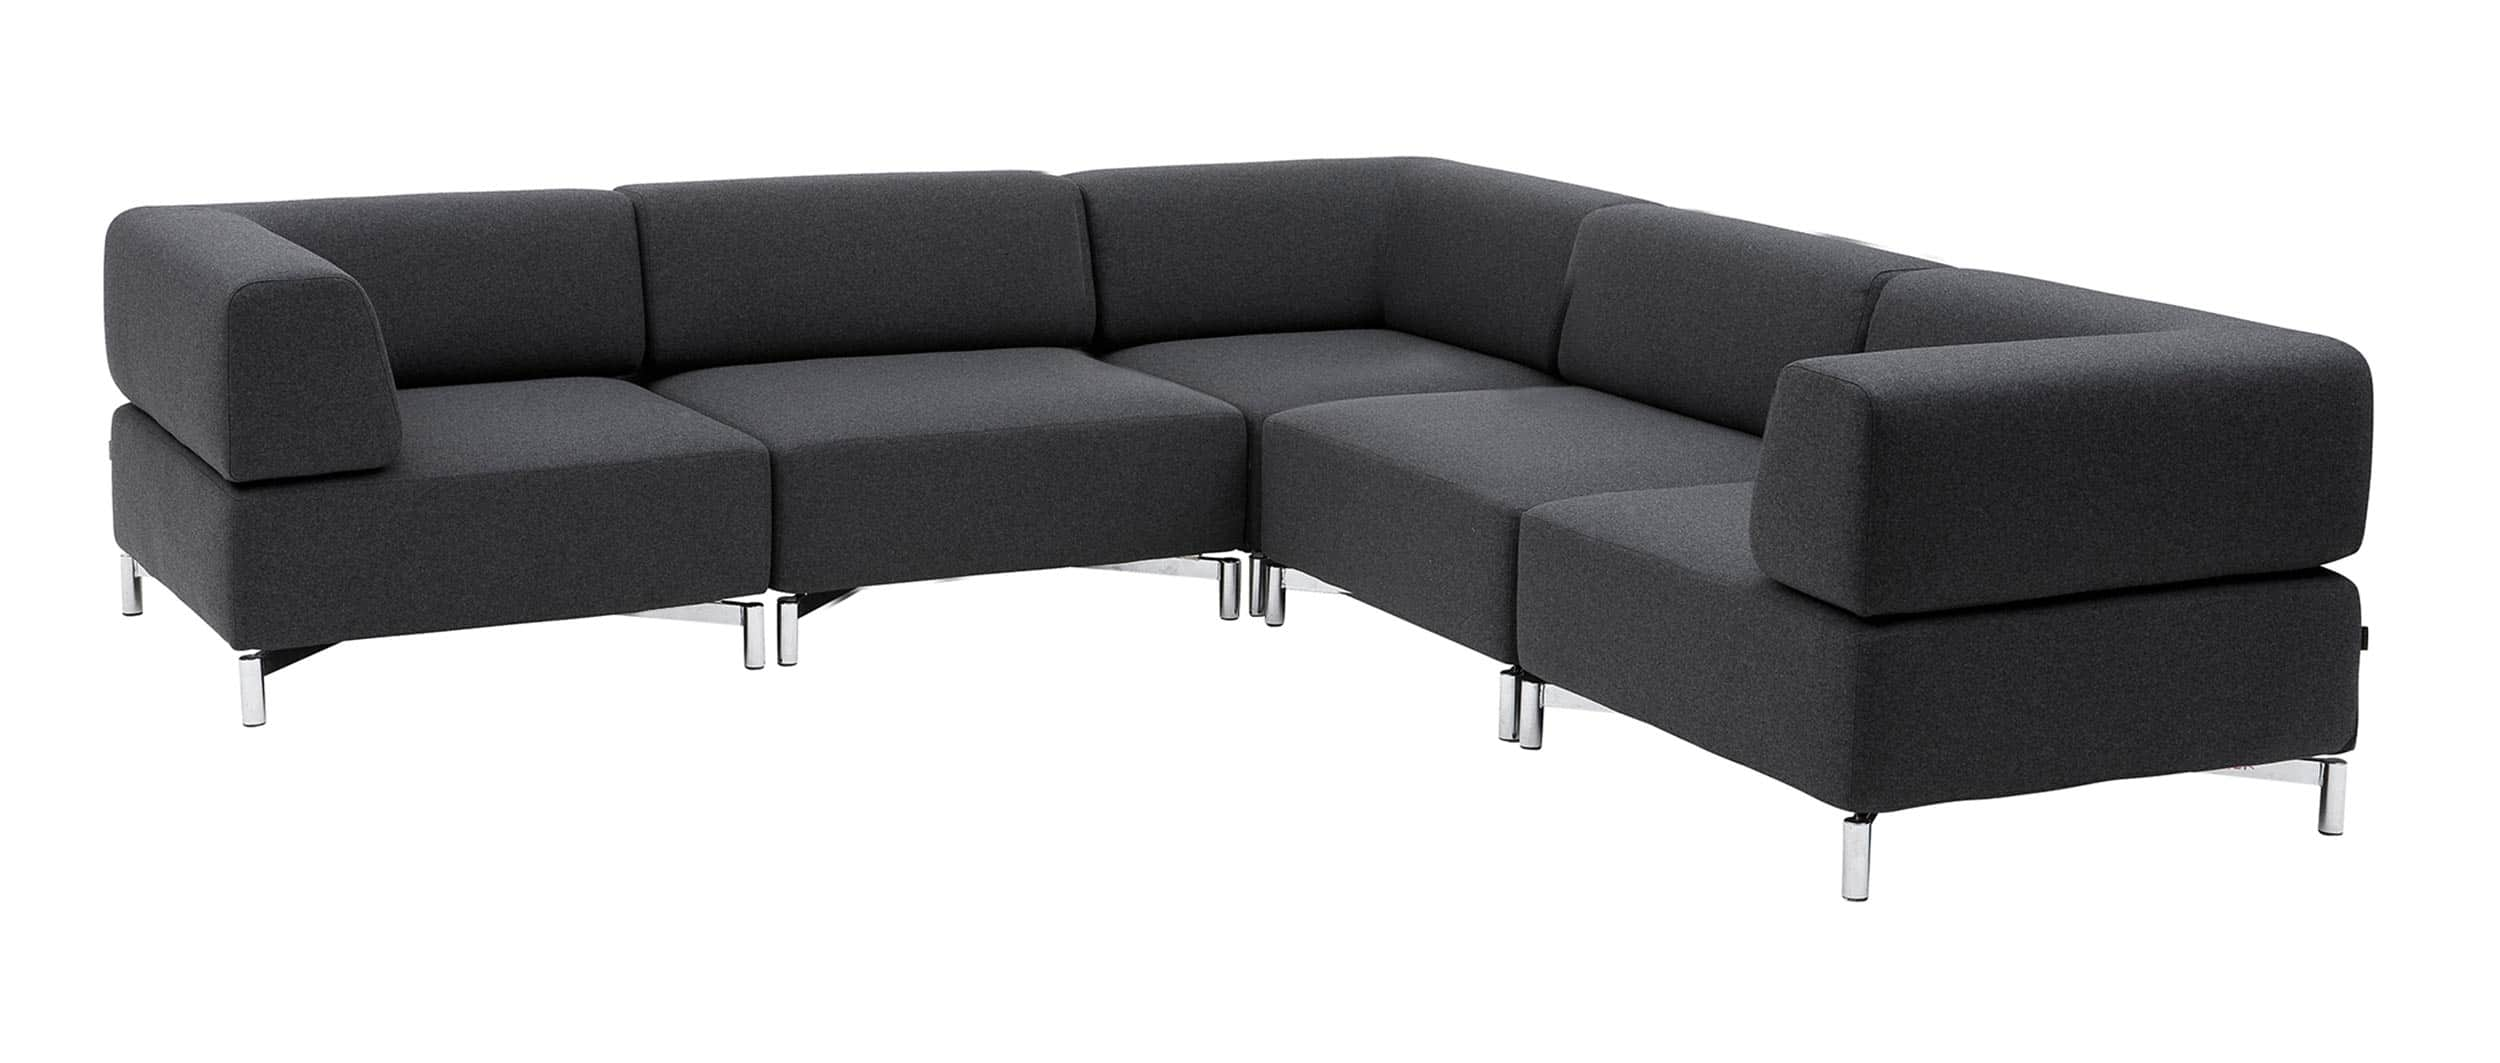 planet modulsofa von softline zum g nstigen preis. Black Bedroom Furniture Sets. Home Design Ideas